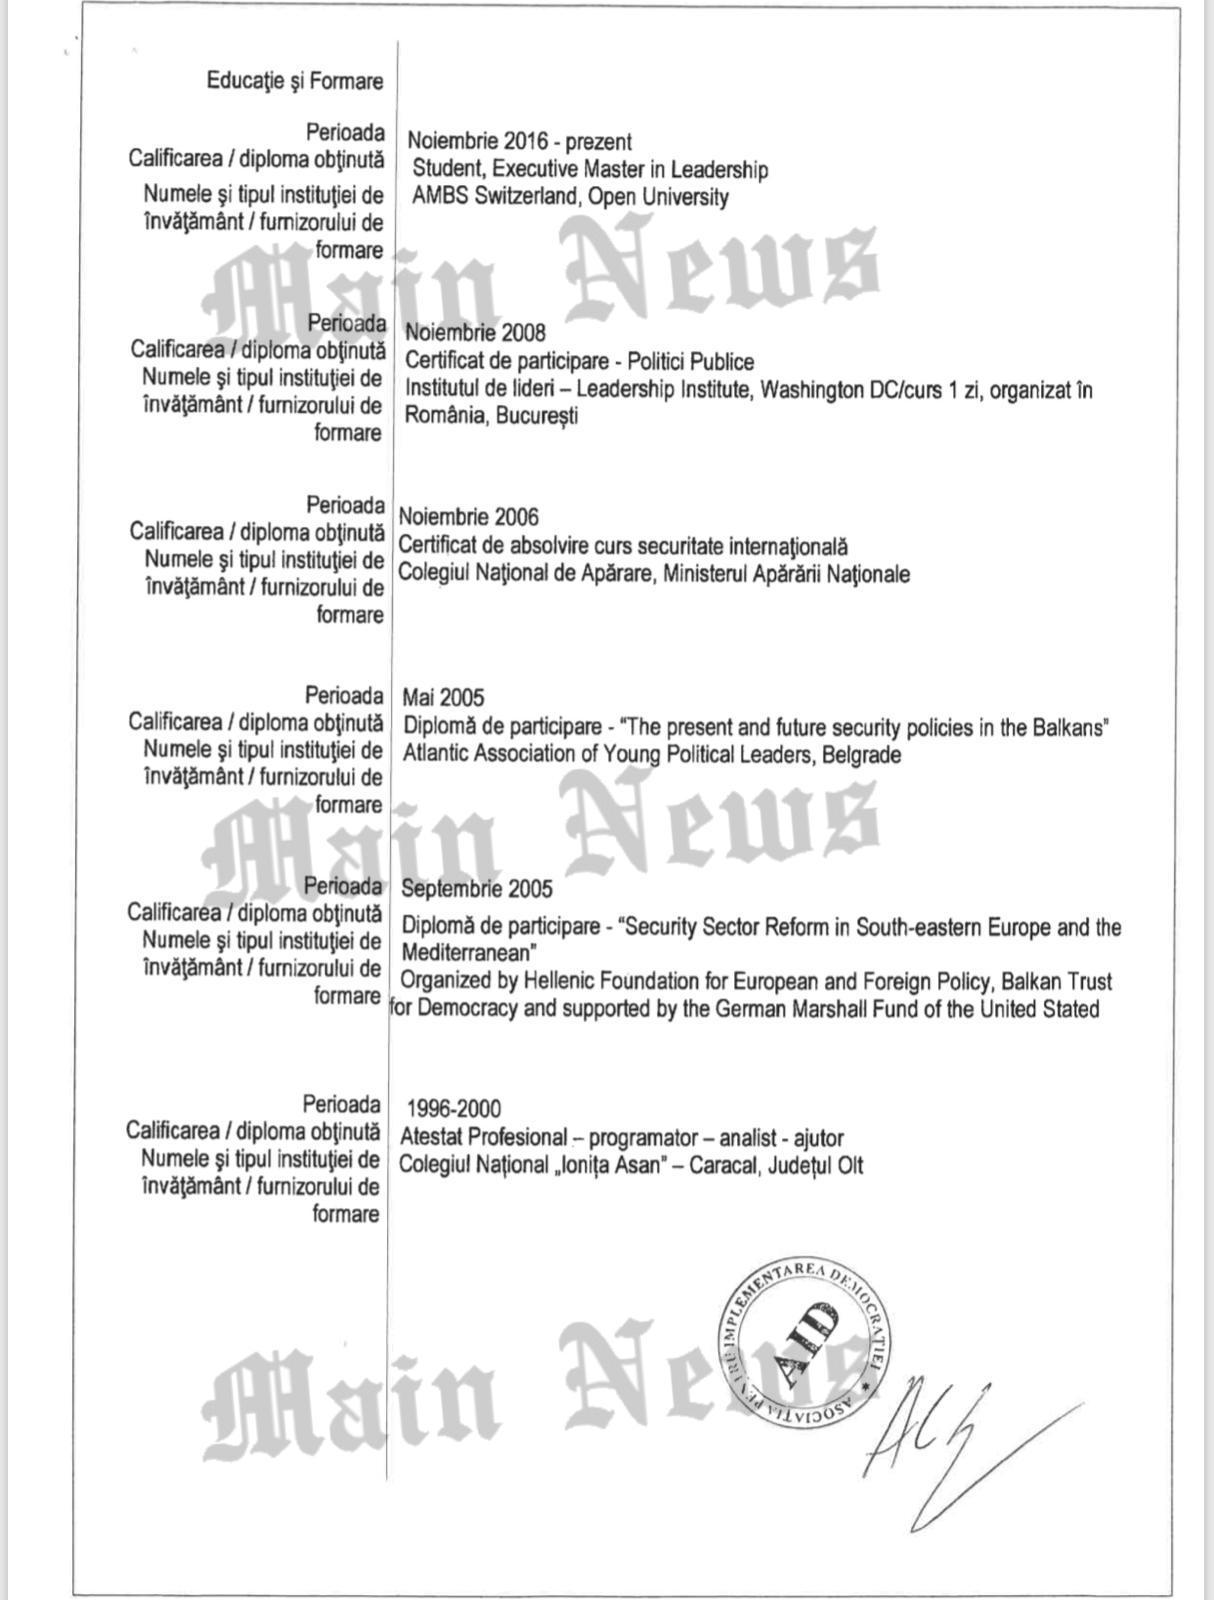 Cum arată CV-ul lui Alexandru Cumpănașu